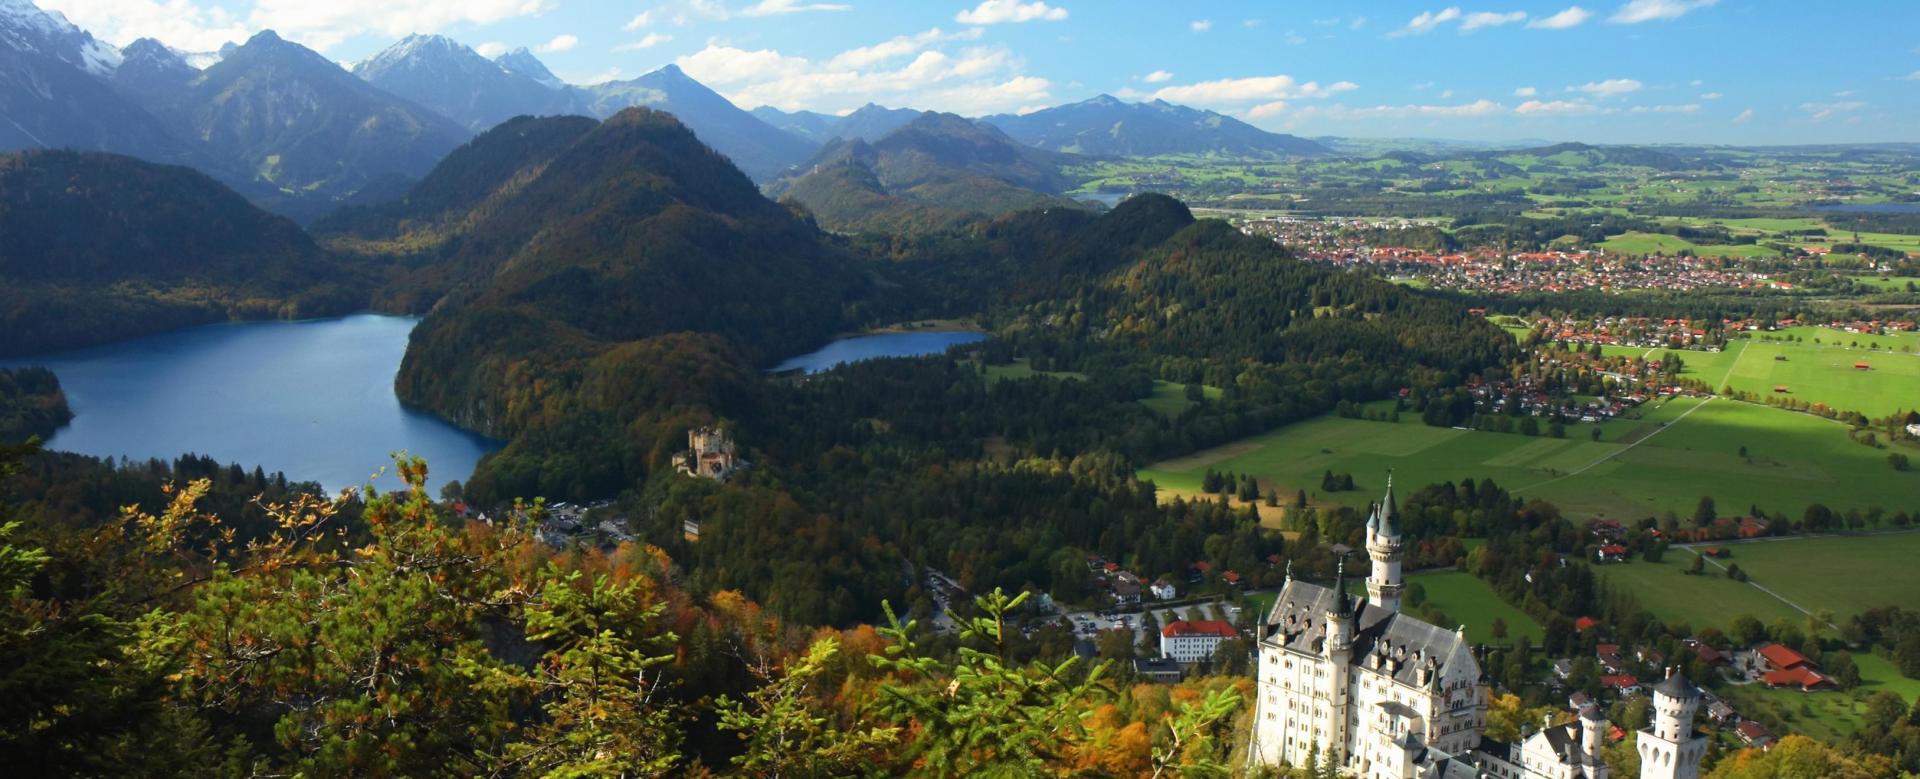 Voyage à pied Allemagne : Montagnes baroques de bavière